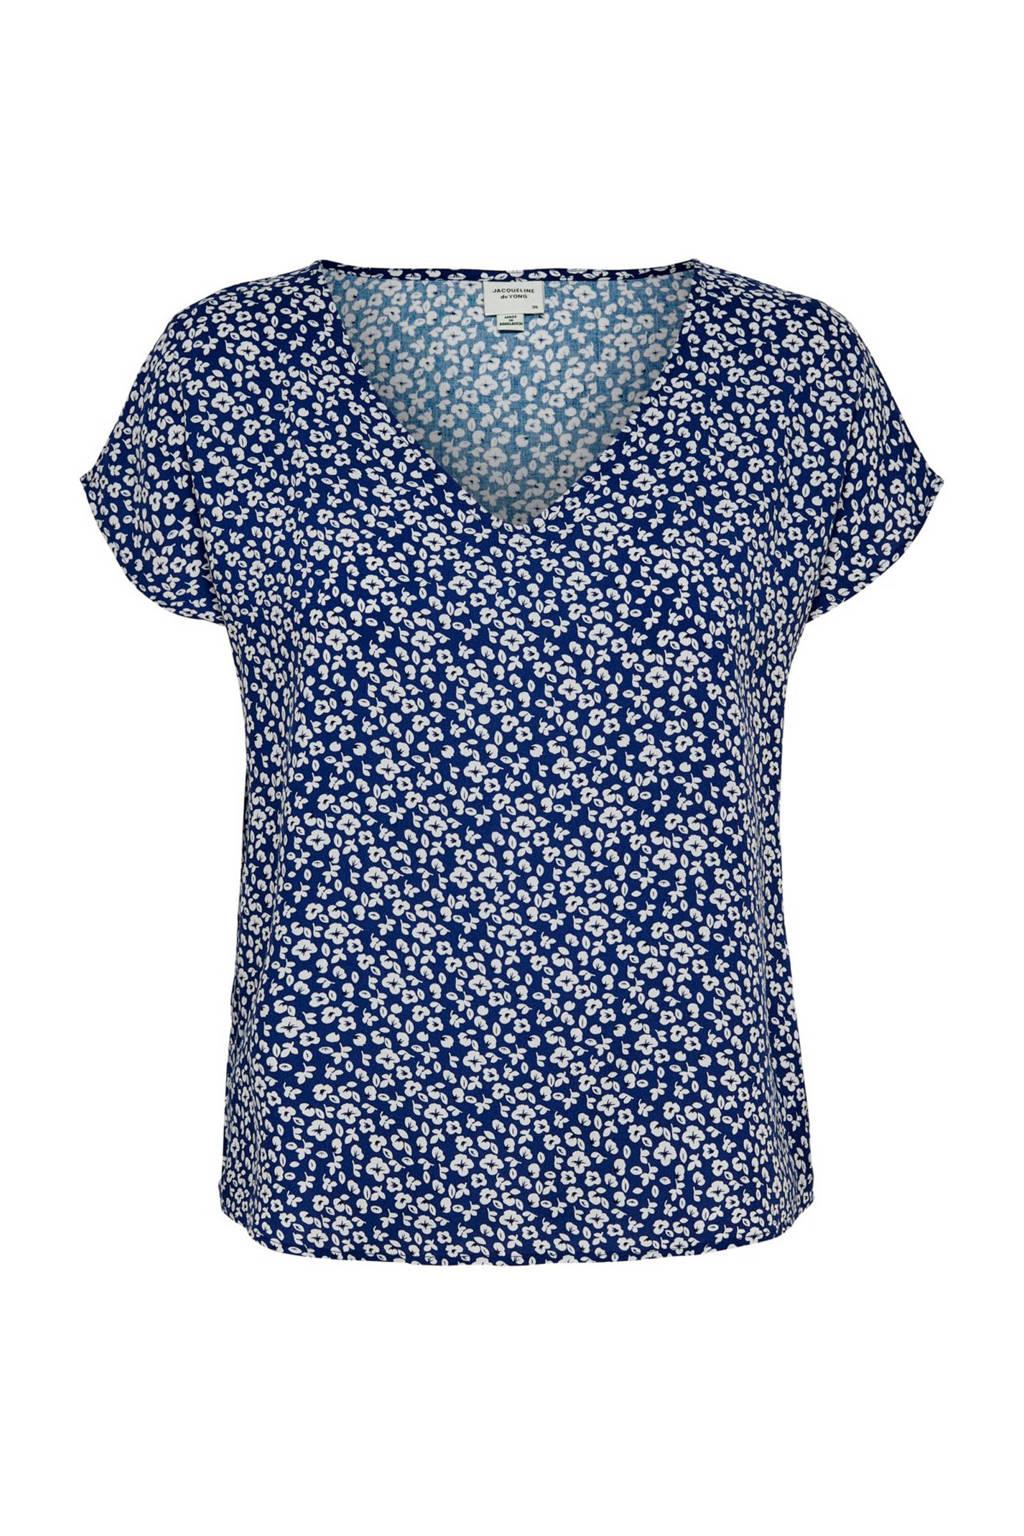 JACQUELINE DE YONG gebloemd T-shirt donkerblauw, Donkerblauw/wit